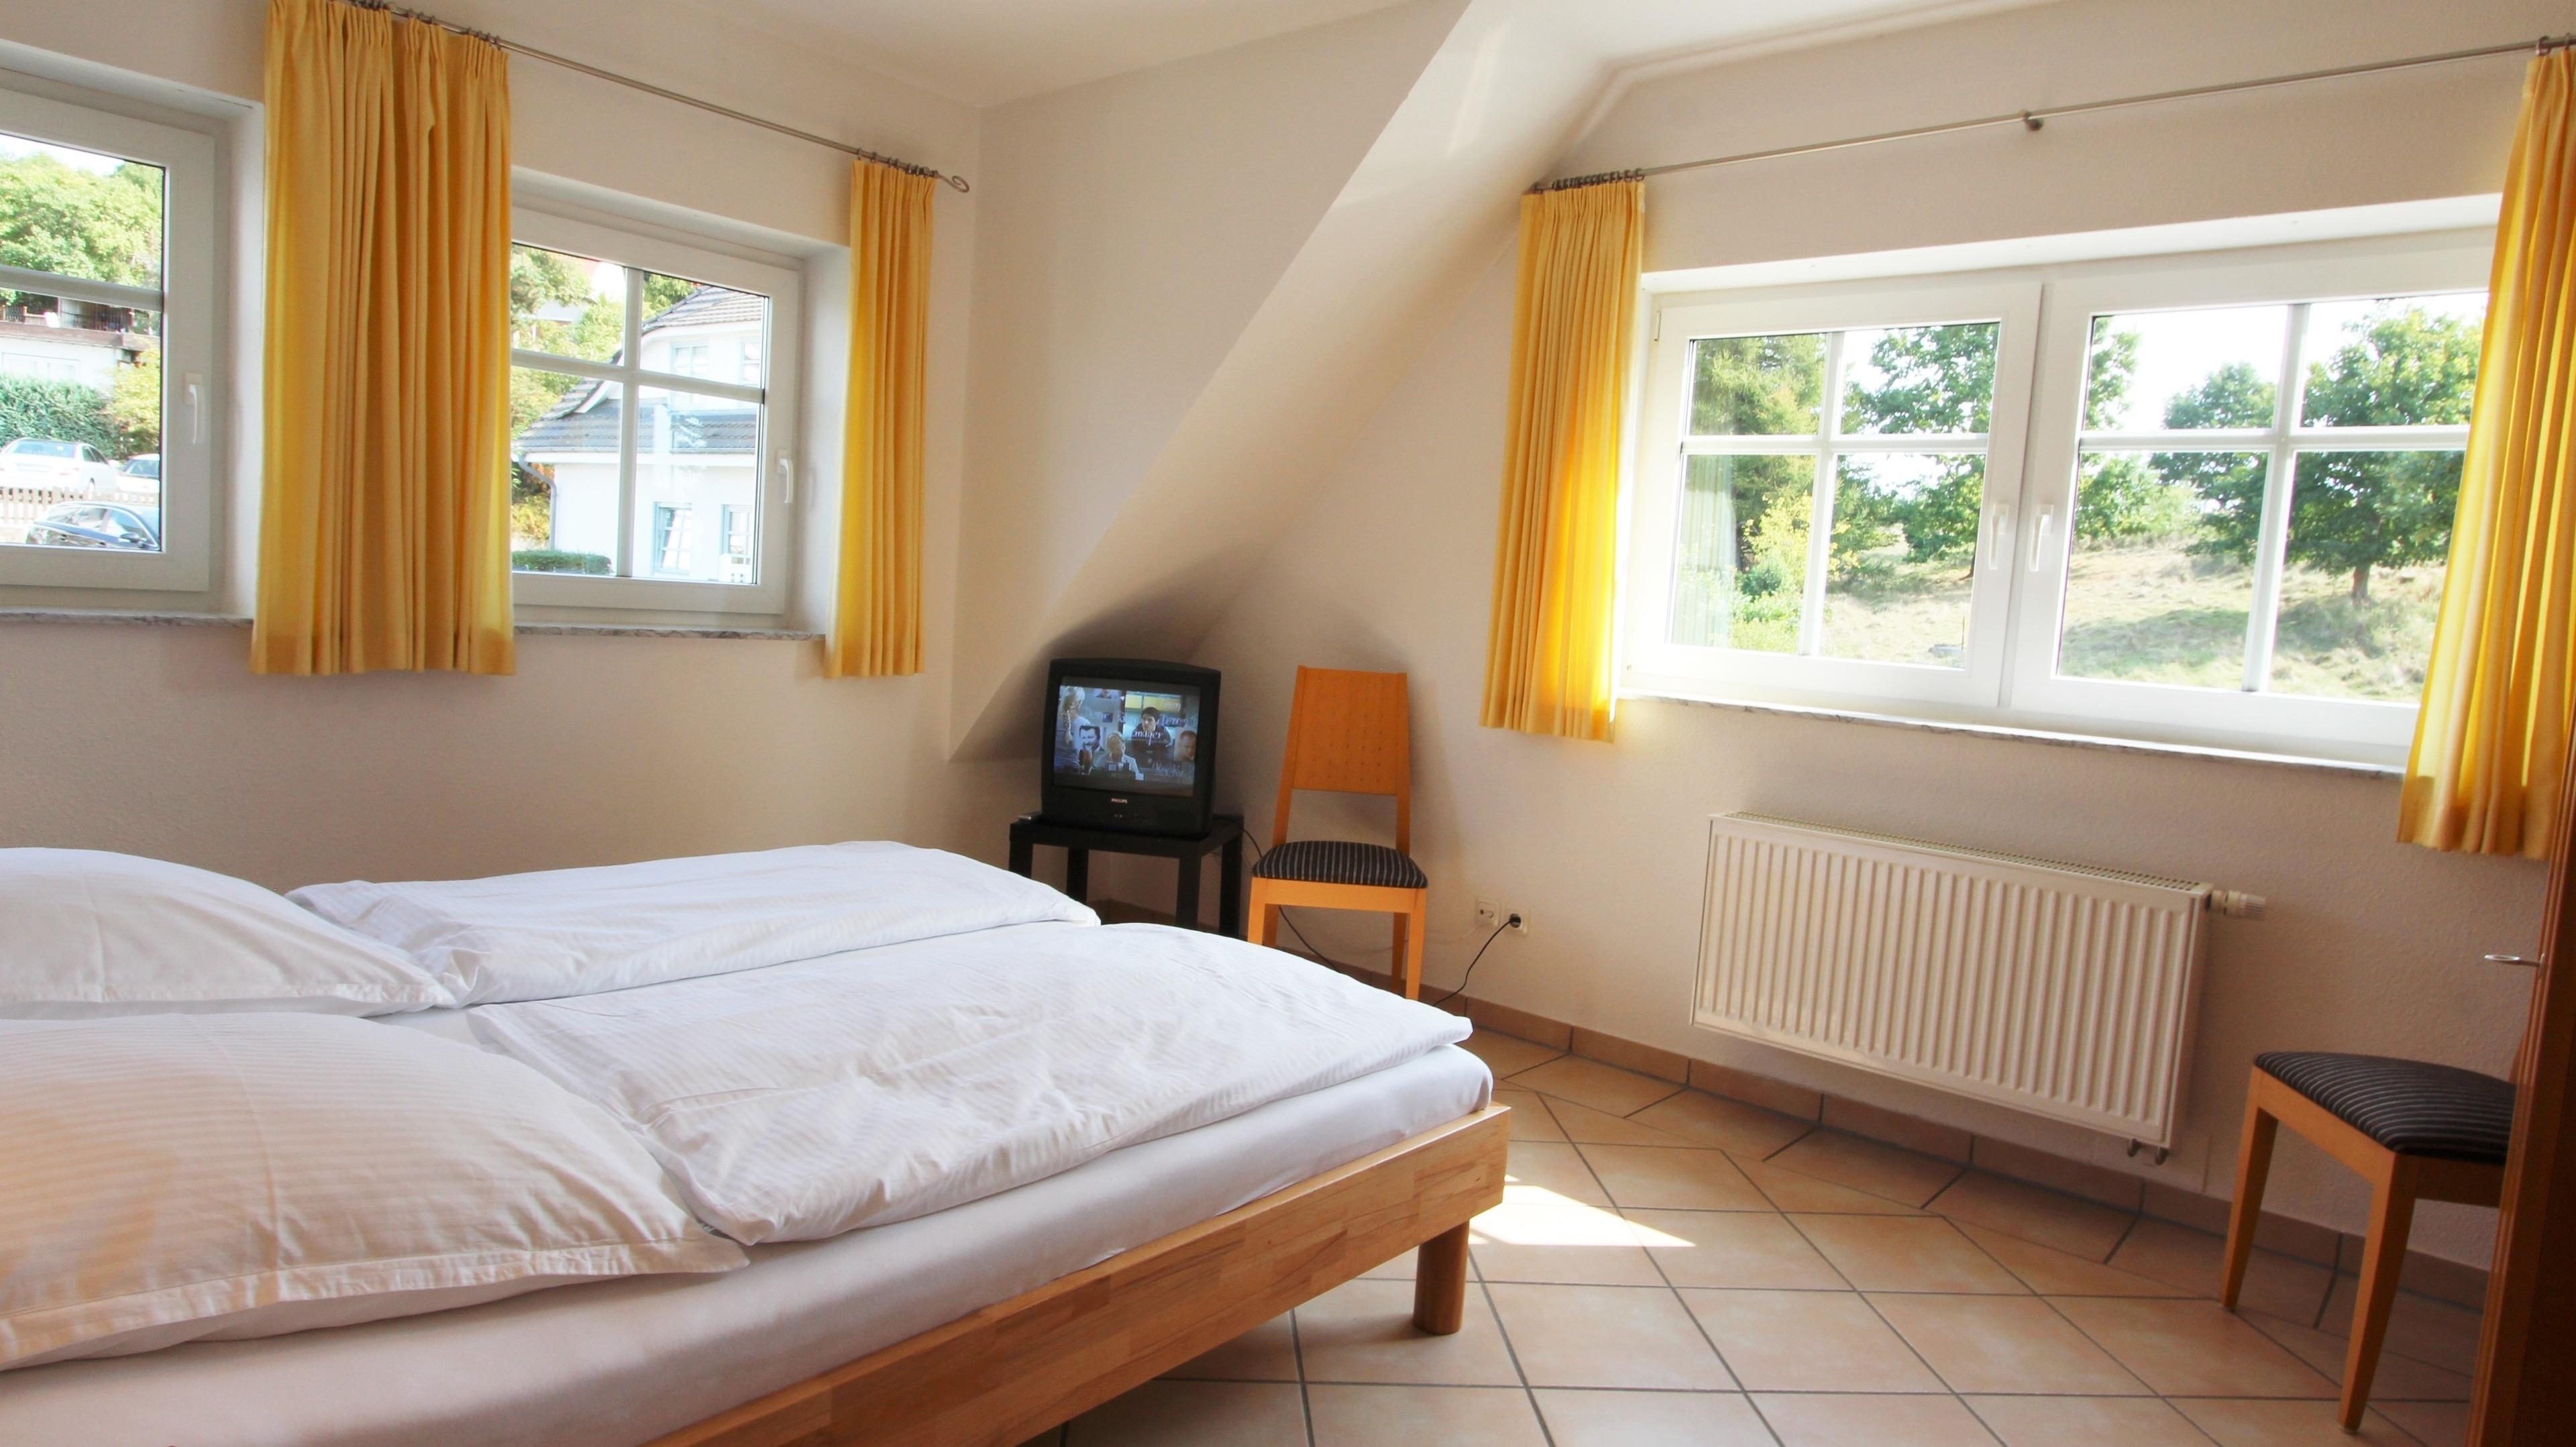 Ferienwohnung Dünenhaus mit Meerblick, Schwimmbadnutzung inklusive (2568191), Göhren, Rügen, Mecklenburg-Vorpommern, Deutschland, Bild 14